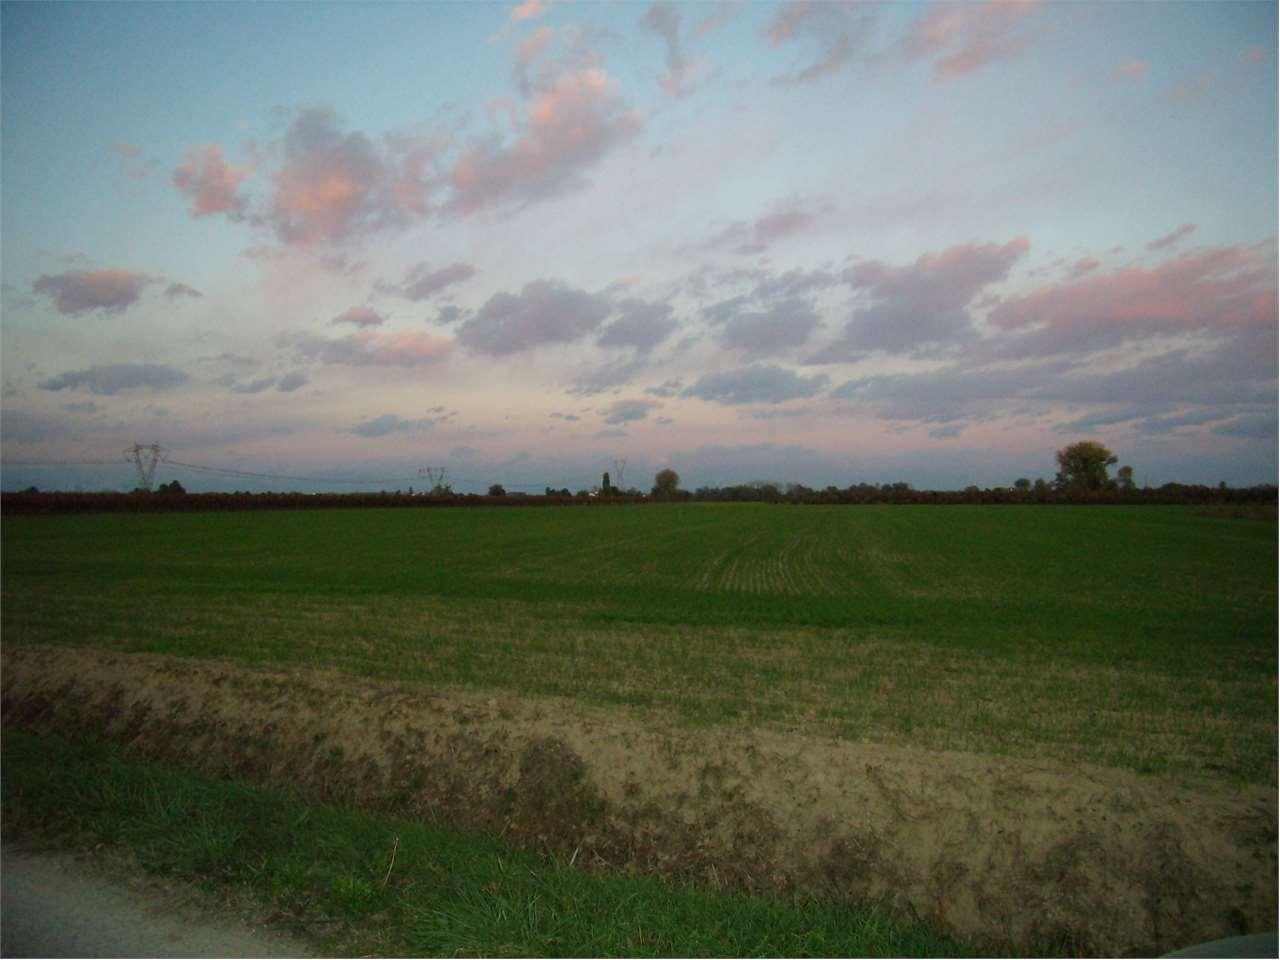 Terreno Agricolo in vendita a Motta di Livenza, 1 locali, prezzo € 390.000 | CambioCasa.it